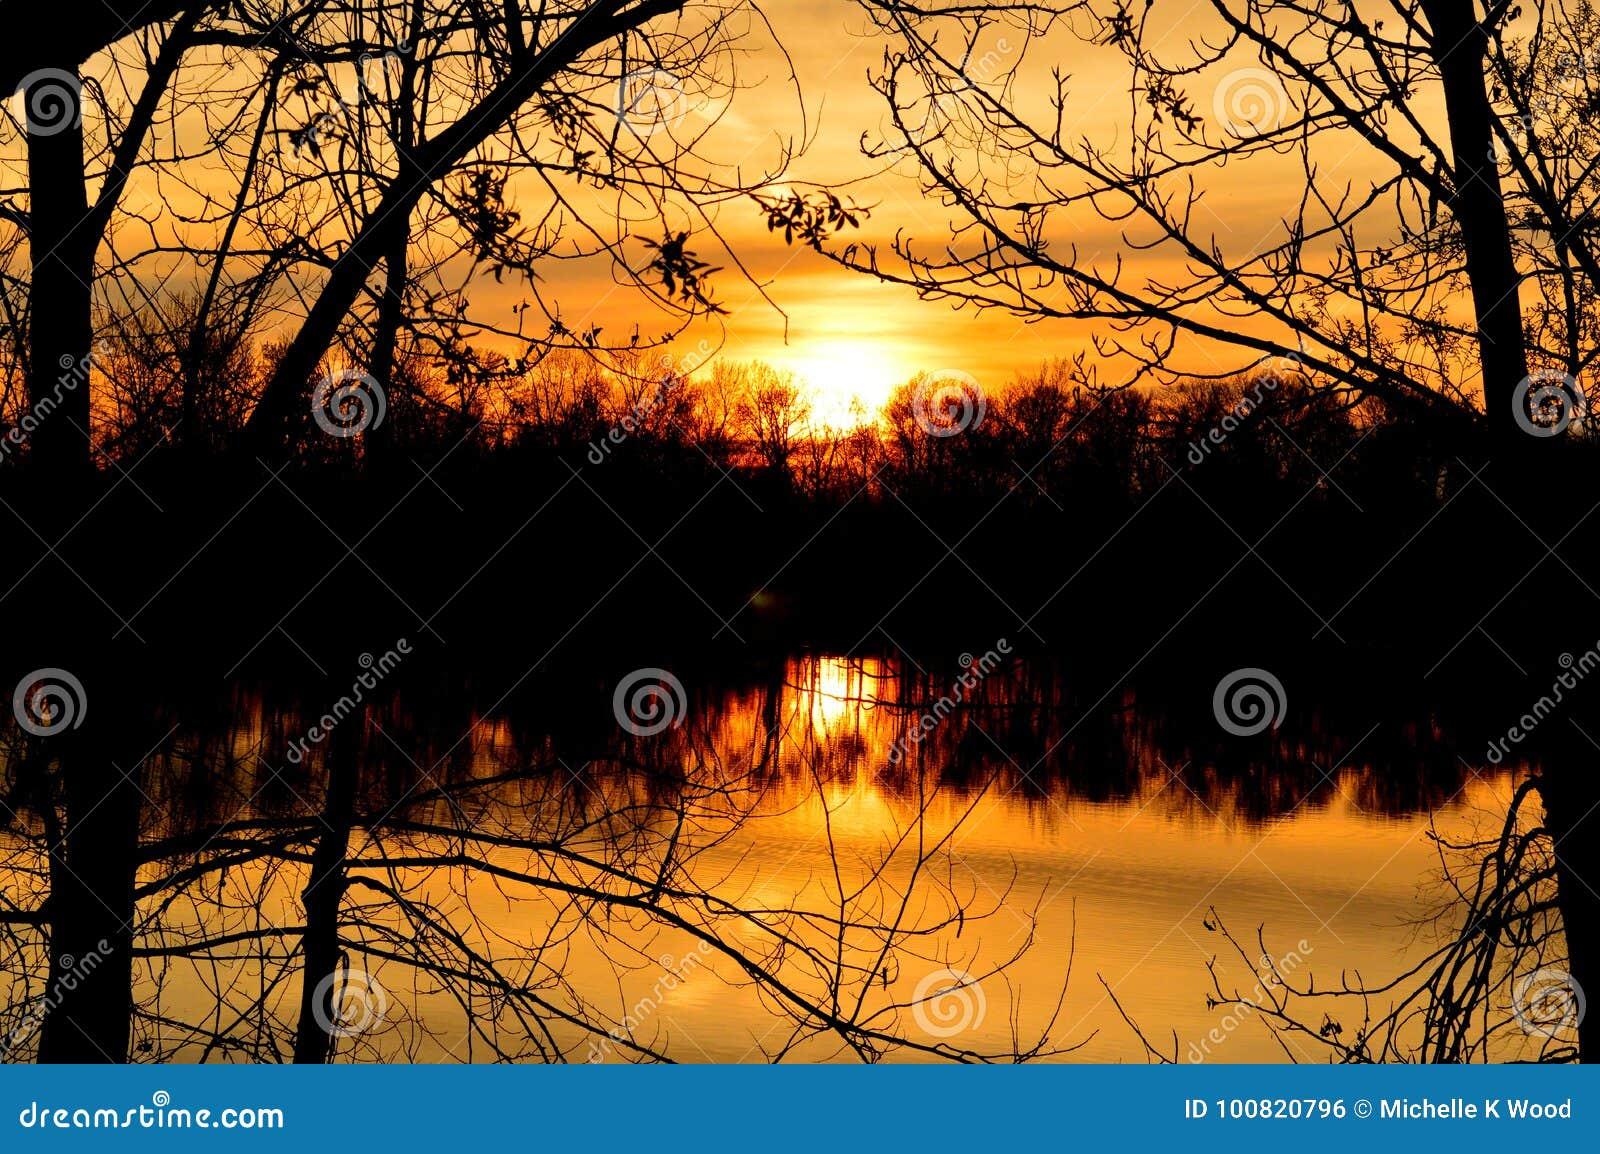 Boise River Sunset 1